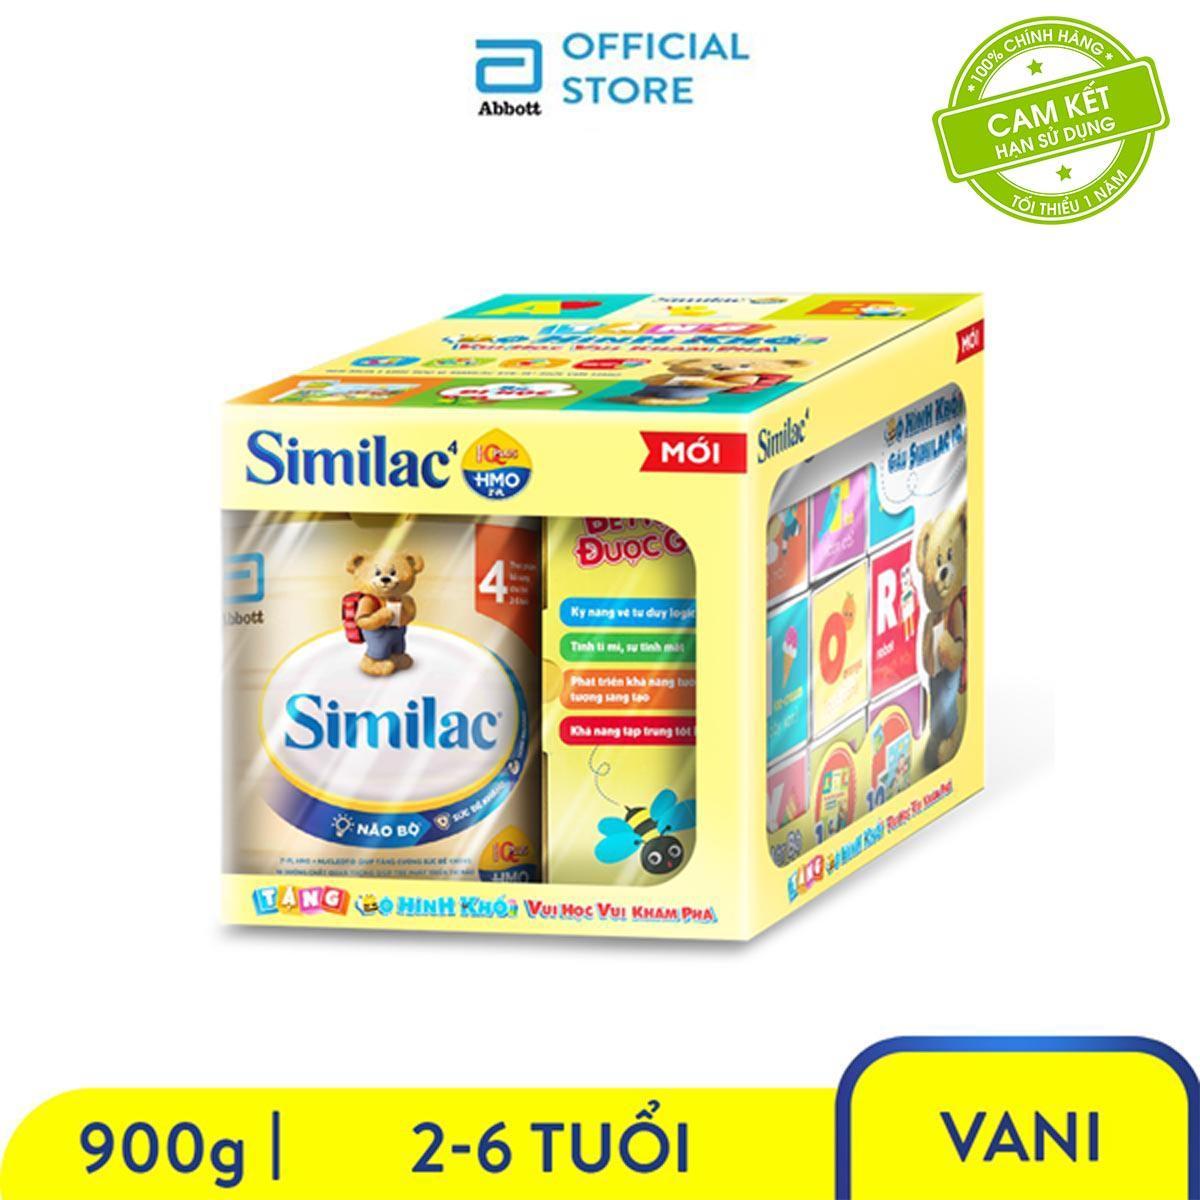 Sữa Bột Similac 4 900g Tặng Bộ Dạy Chữ ABC Cho Bé Trị Giá 120.000đ Giá Quá Ưu Đãi